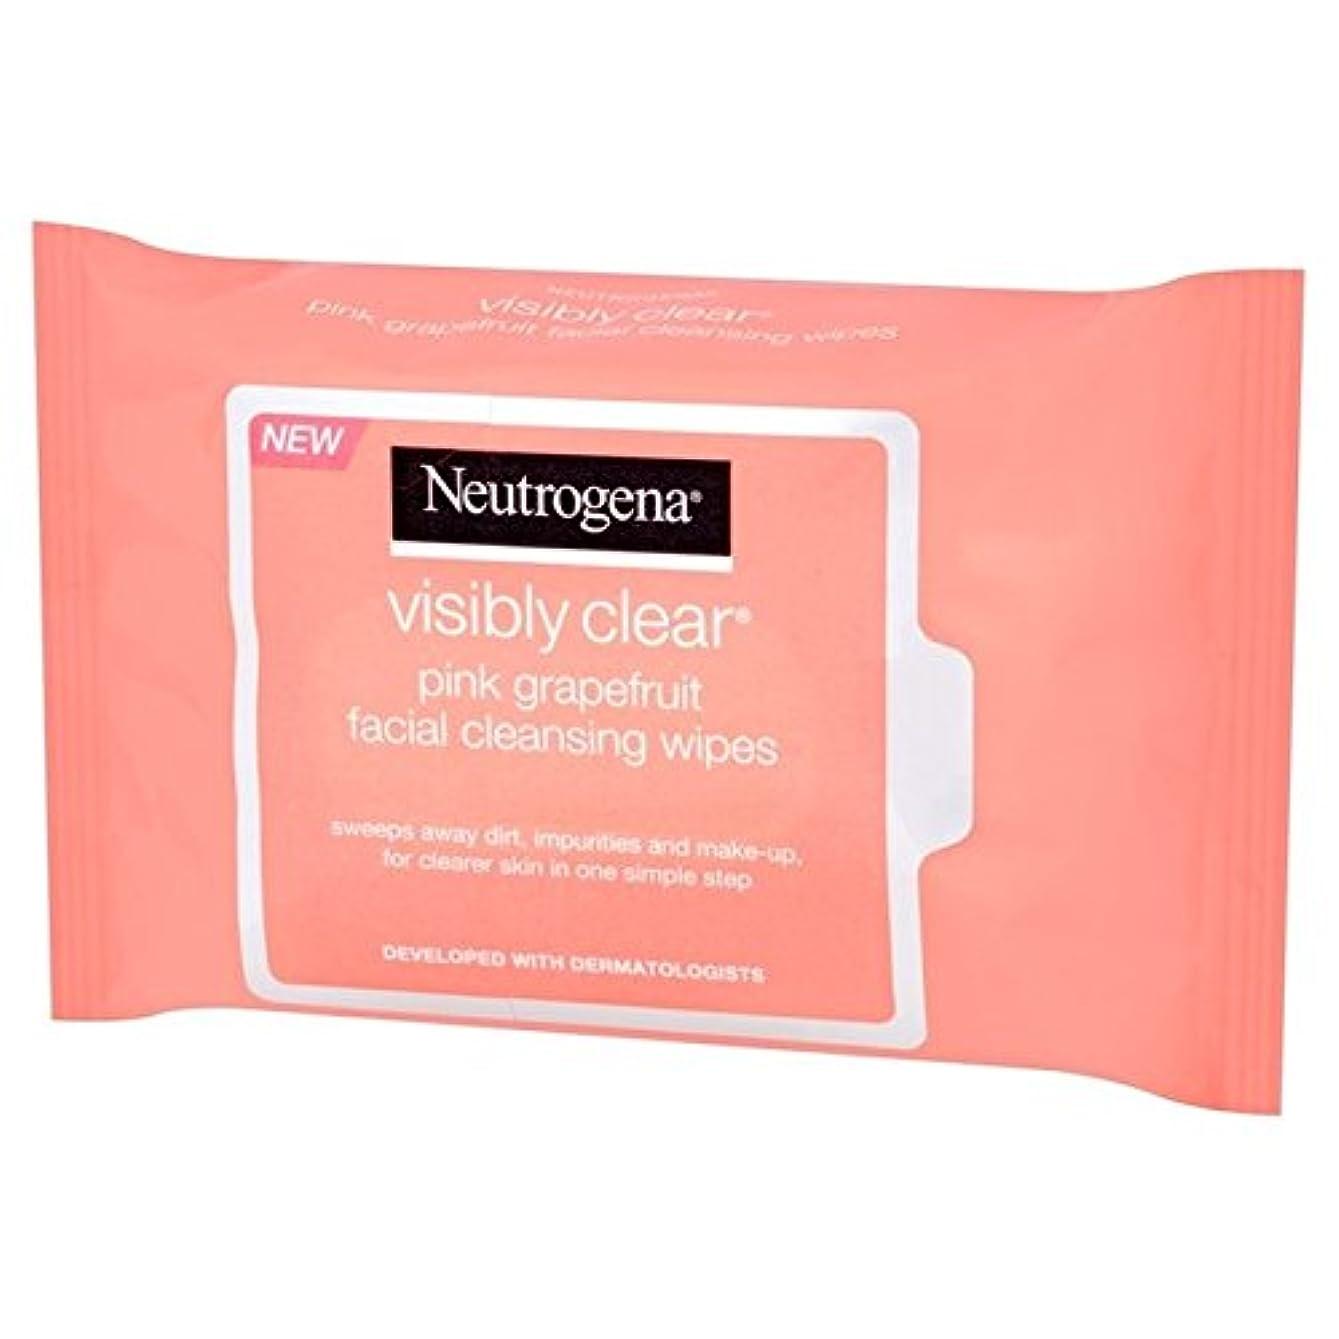 航空会社エラー食事を調理するNeutrogena Visibly Clear Pink Grapefruit Wipes 25 per pack - ニュートロジーナ目に見えて明らかピンクグレープフルーツは、パックごとに25ワイプ [並行輸入品]